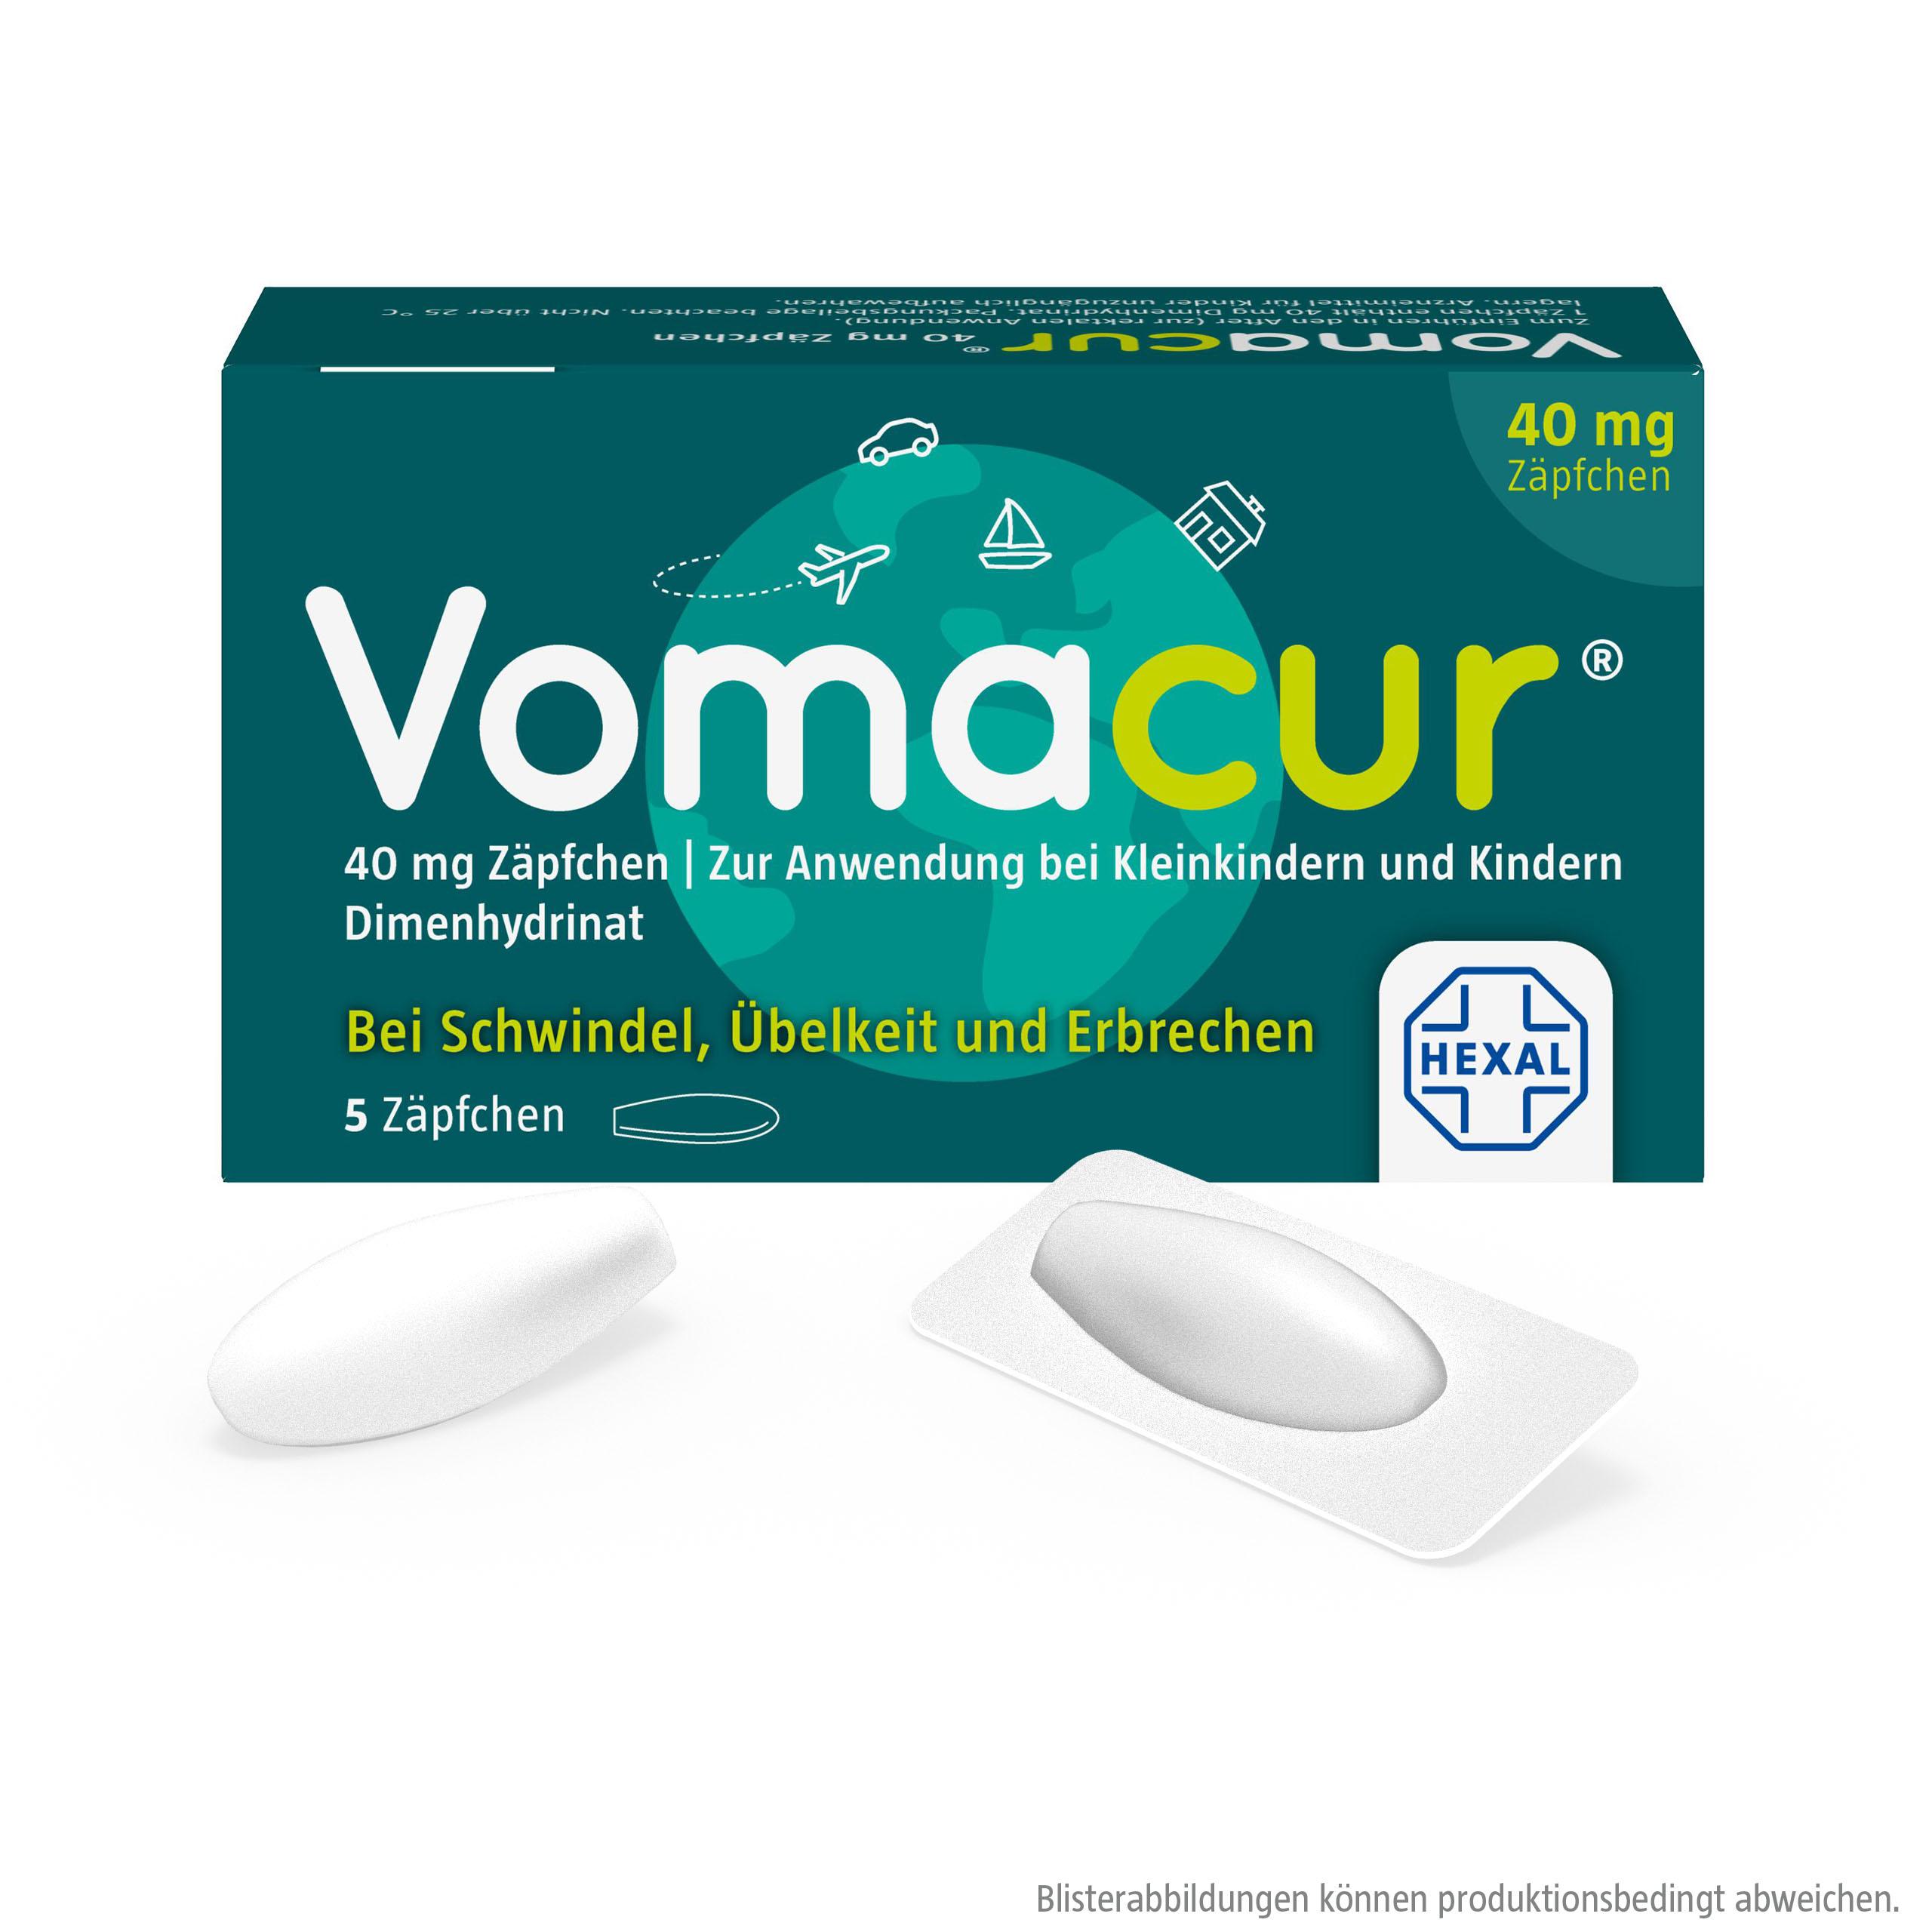 Vomacur® 40 mg Zäpfchen